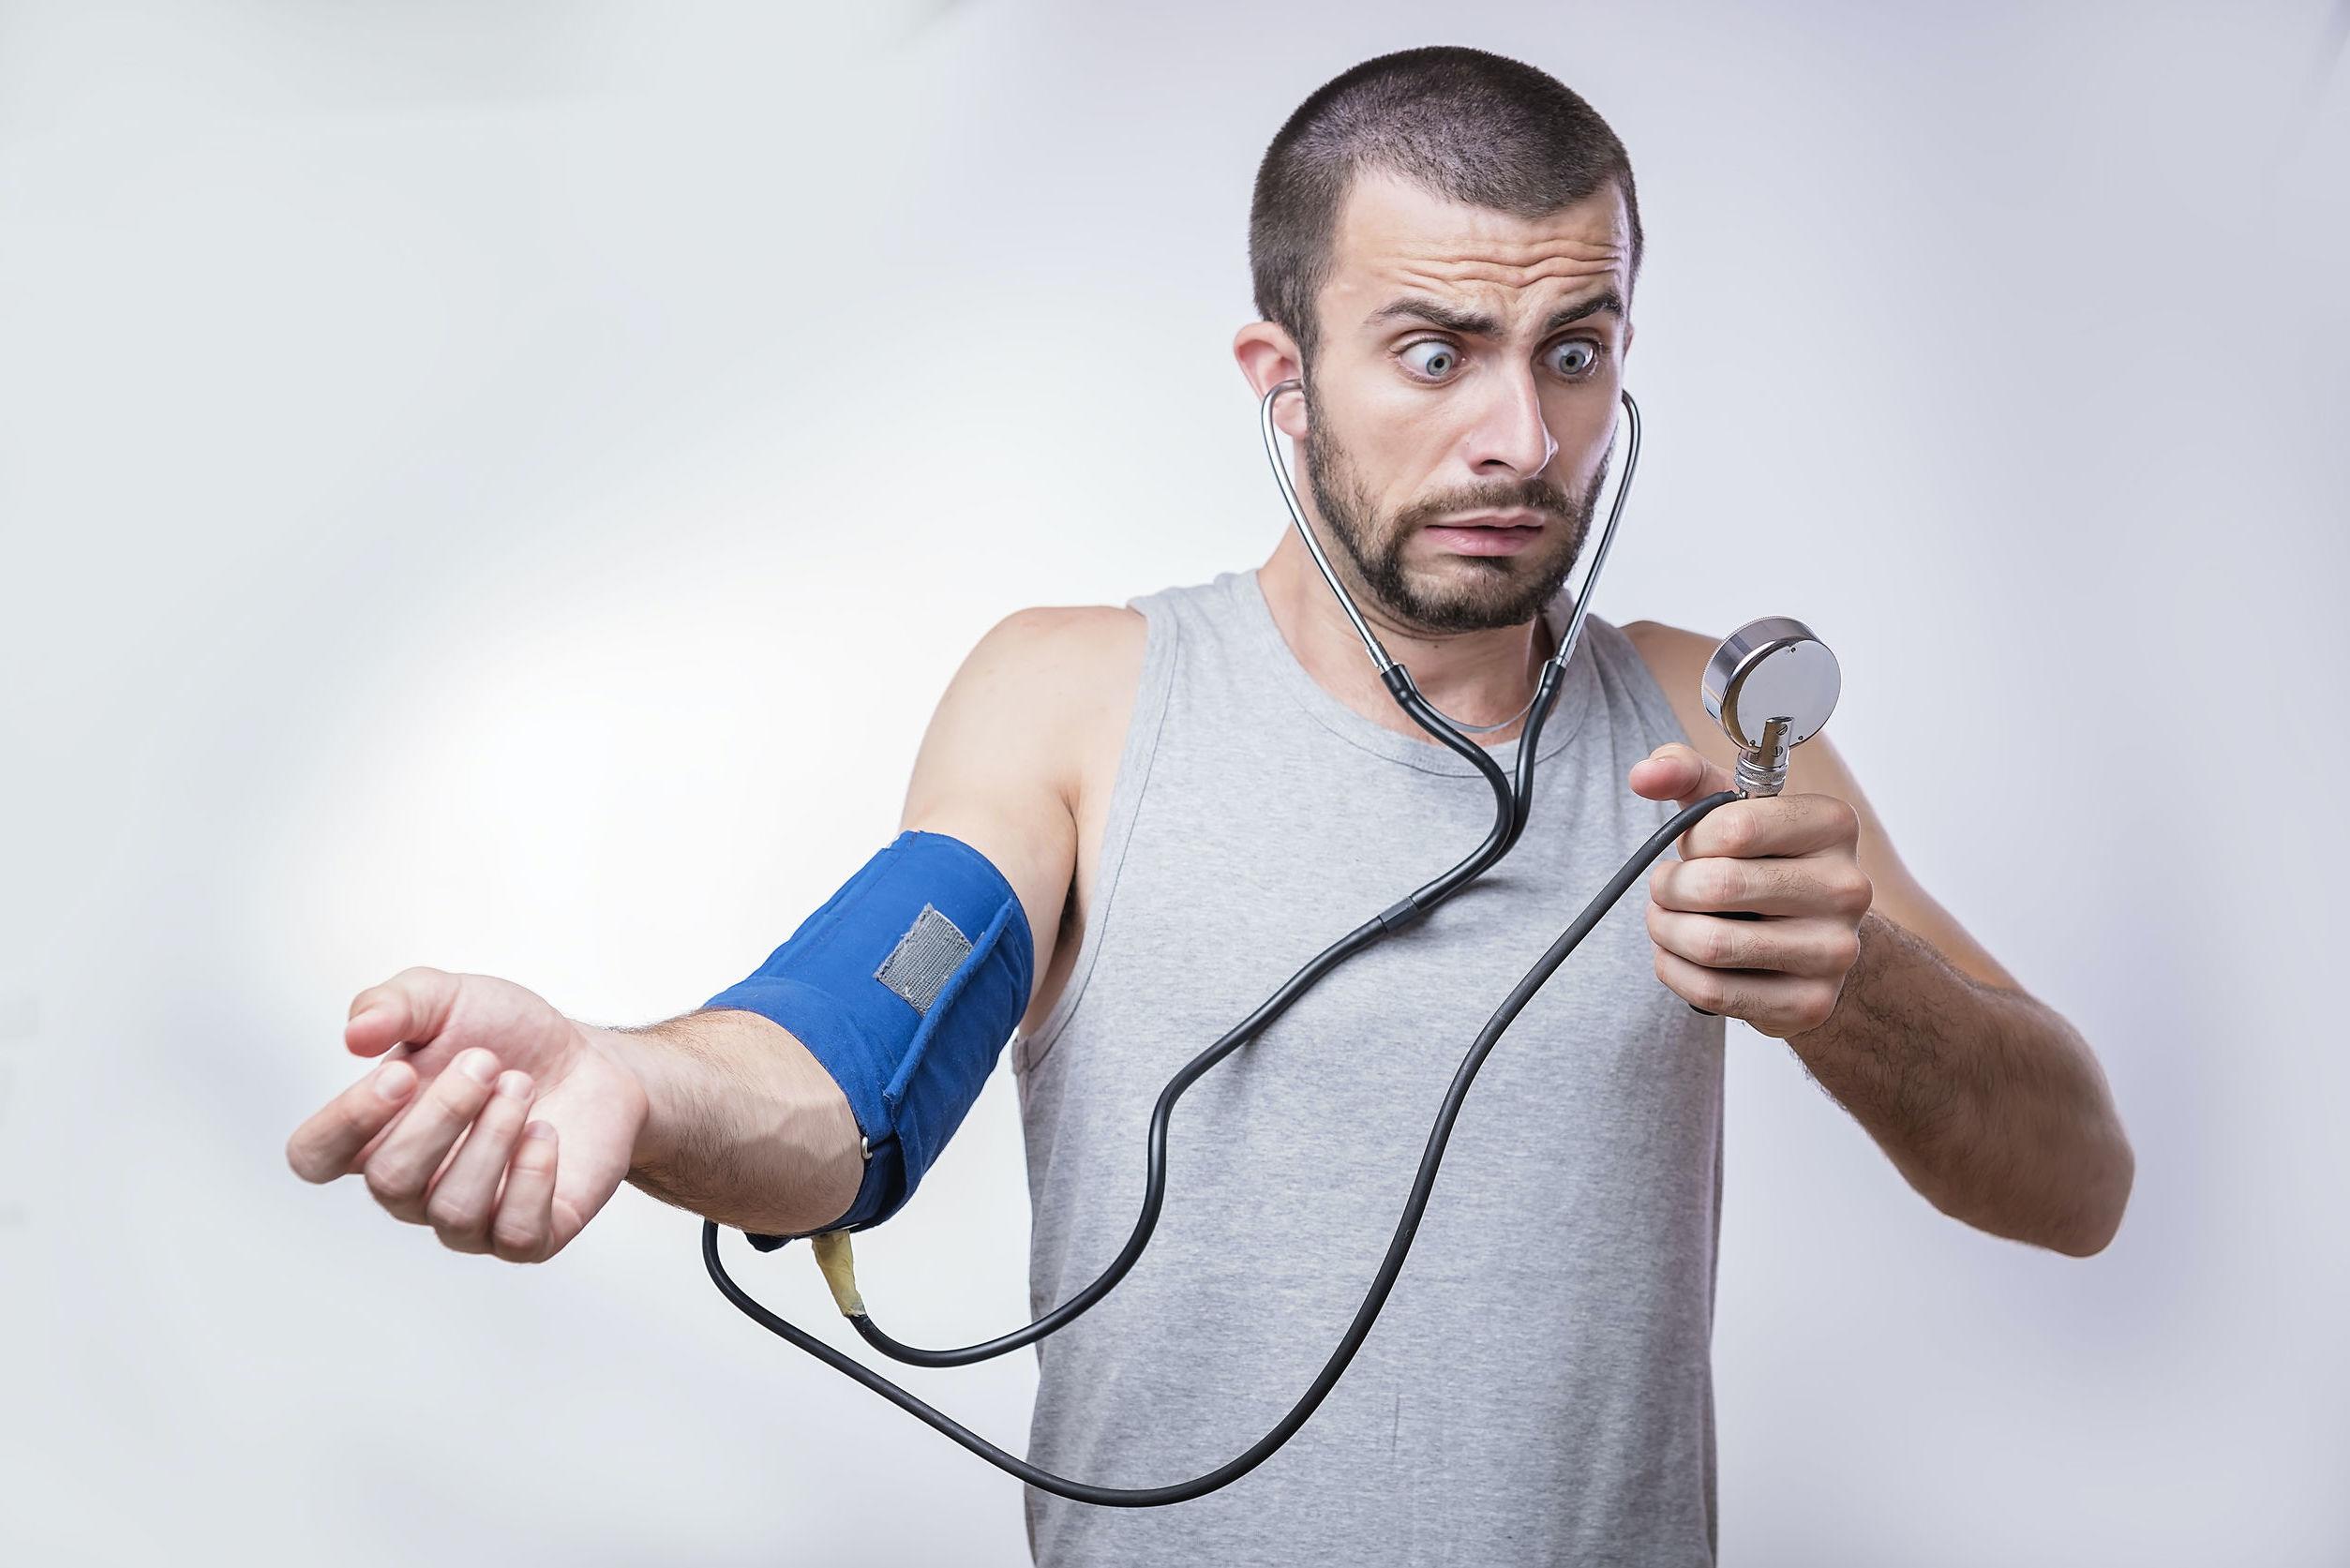 magas vérnyomás tinktúrával mi a vesék vibroakusztikus terápiája magas vérnyomás esetén